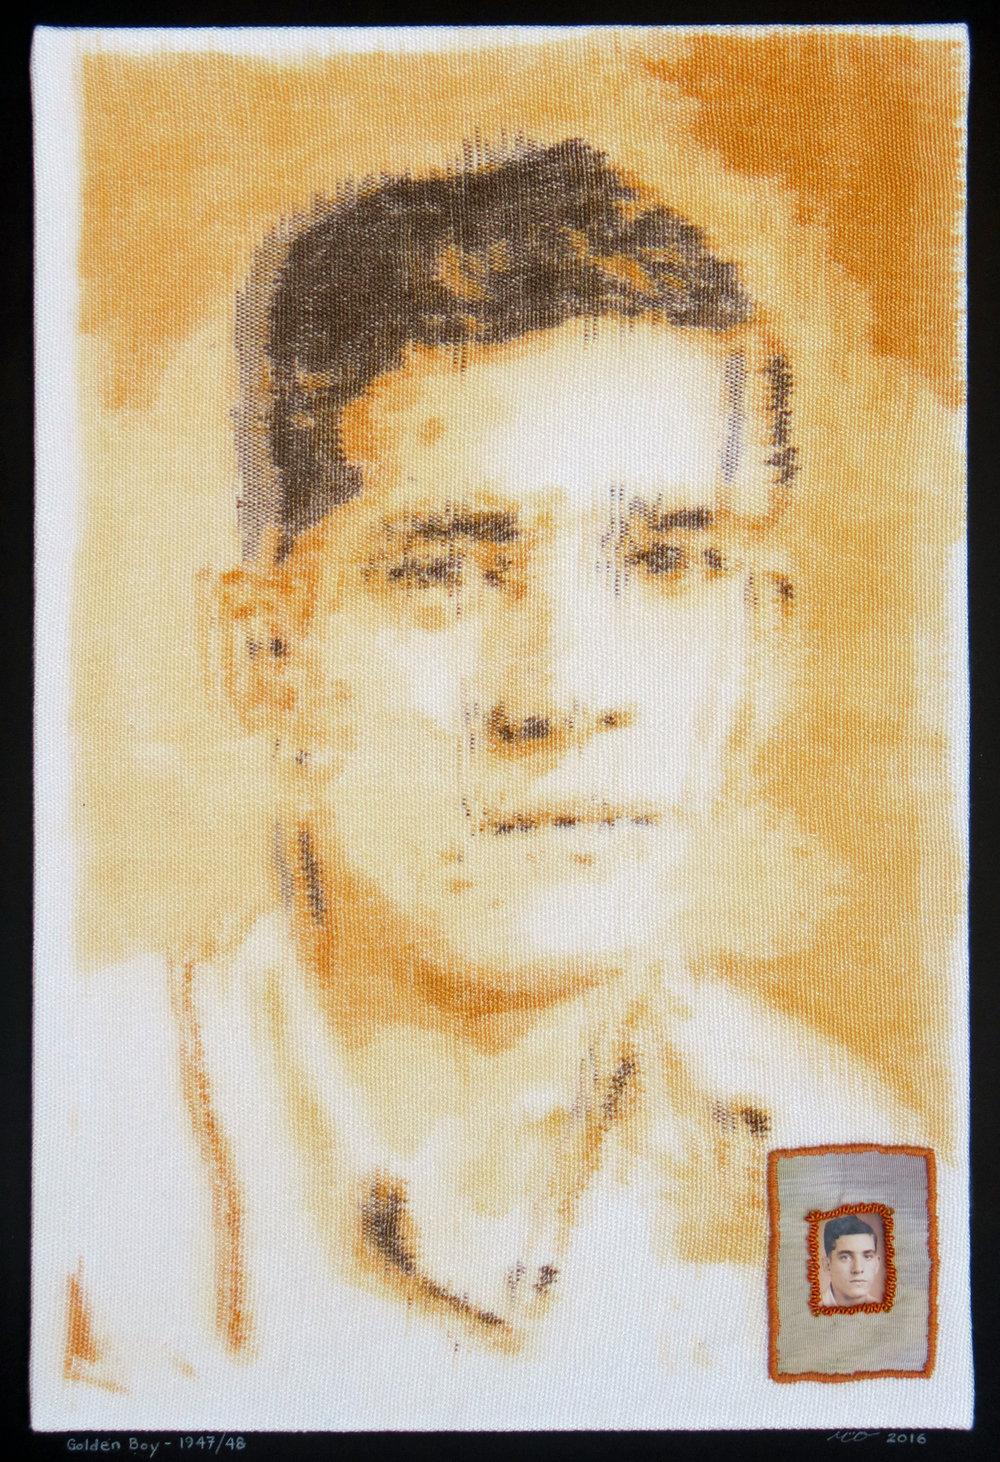 Golden Boy 1947-48pix1920.jpg